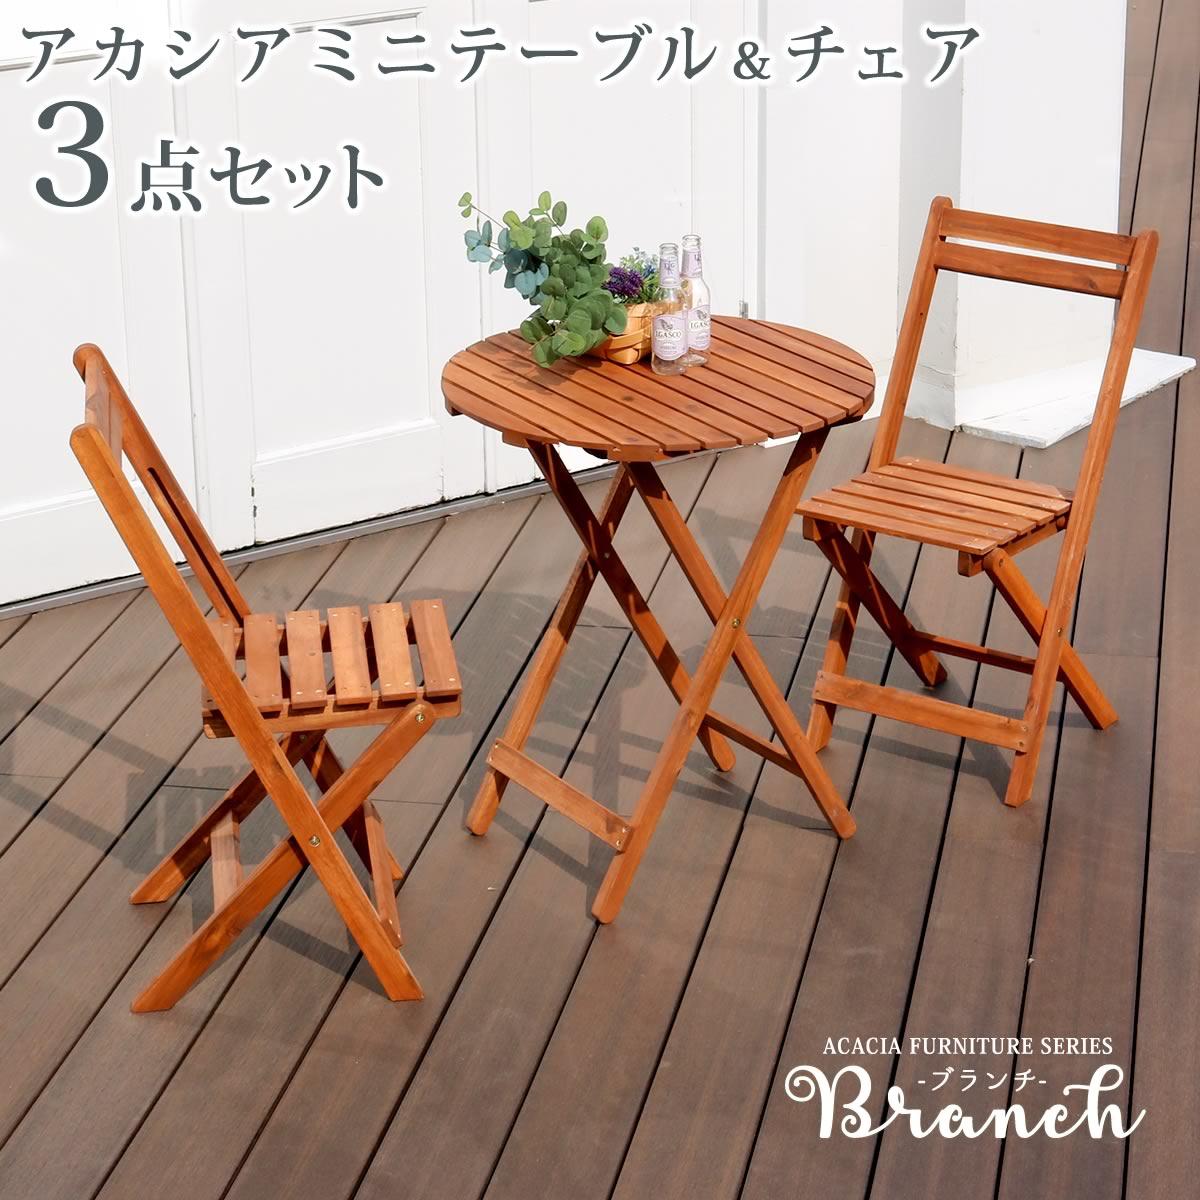 ブランチ 天然アカシア 折り畳み ガーデン丸テーブル&チェア 3点セット(ミニサイズ)送料無料 簡単組立 ガーデンテーブル ガーデンチェア パラソル穴 おしゃれ